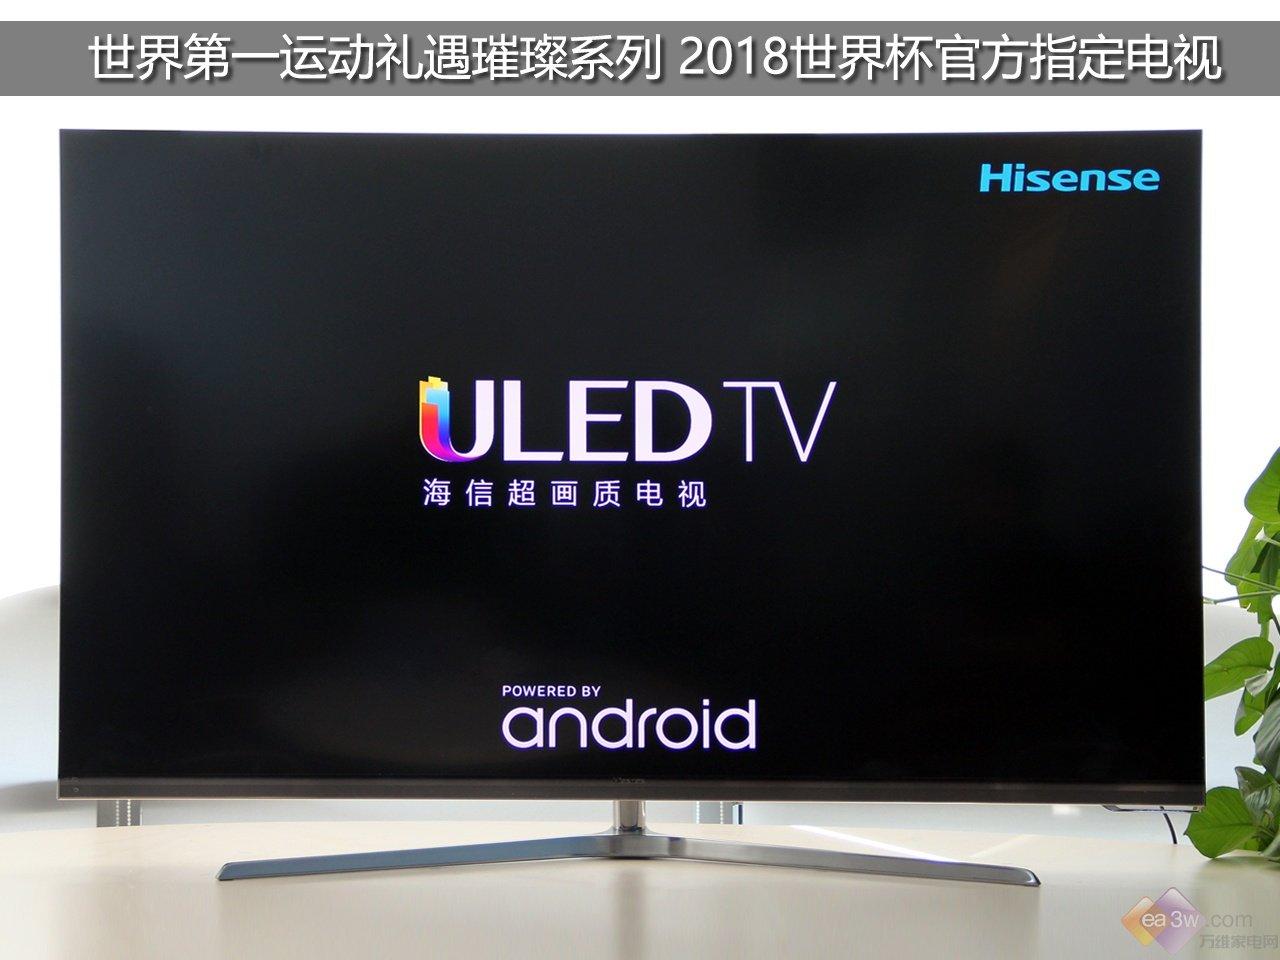 海信ULED璀璨电视NU8800首发评测:始于颜值 终于才华